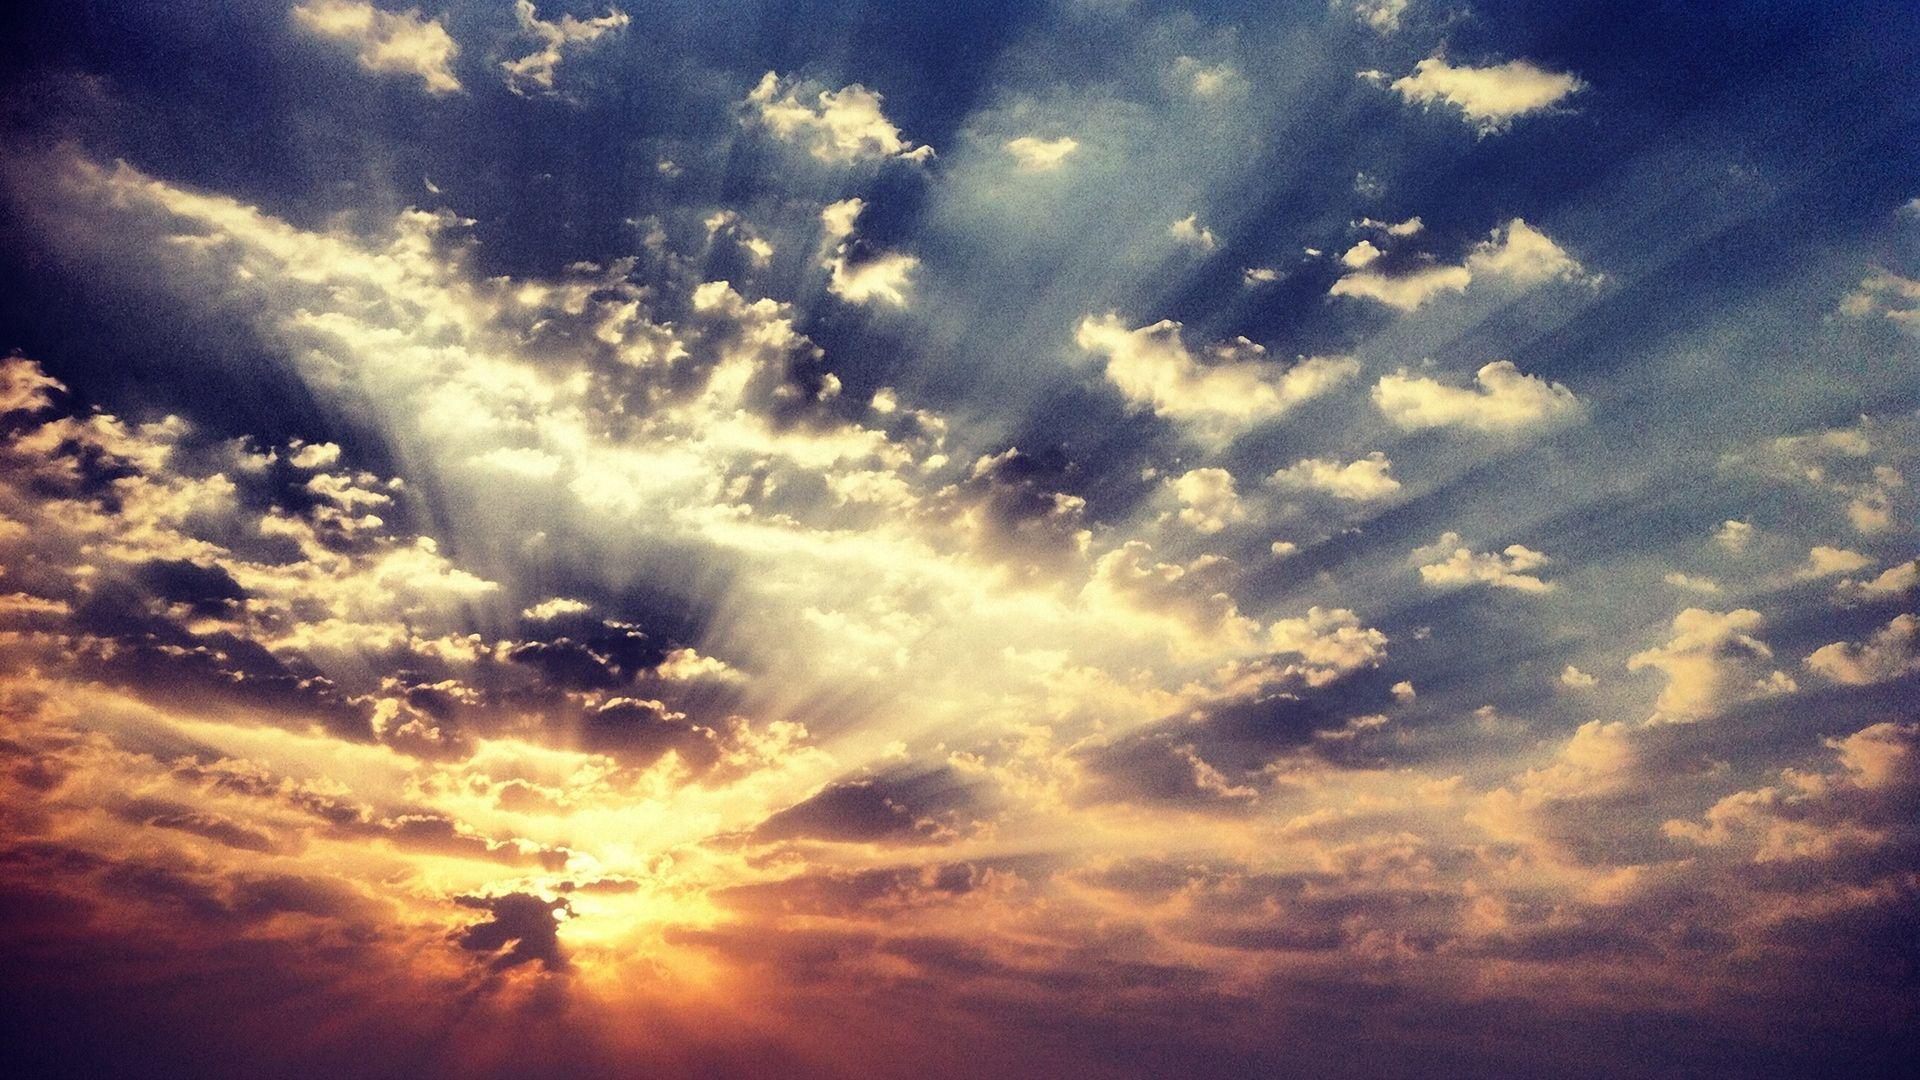 Sky a wallpaper